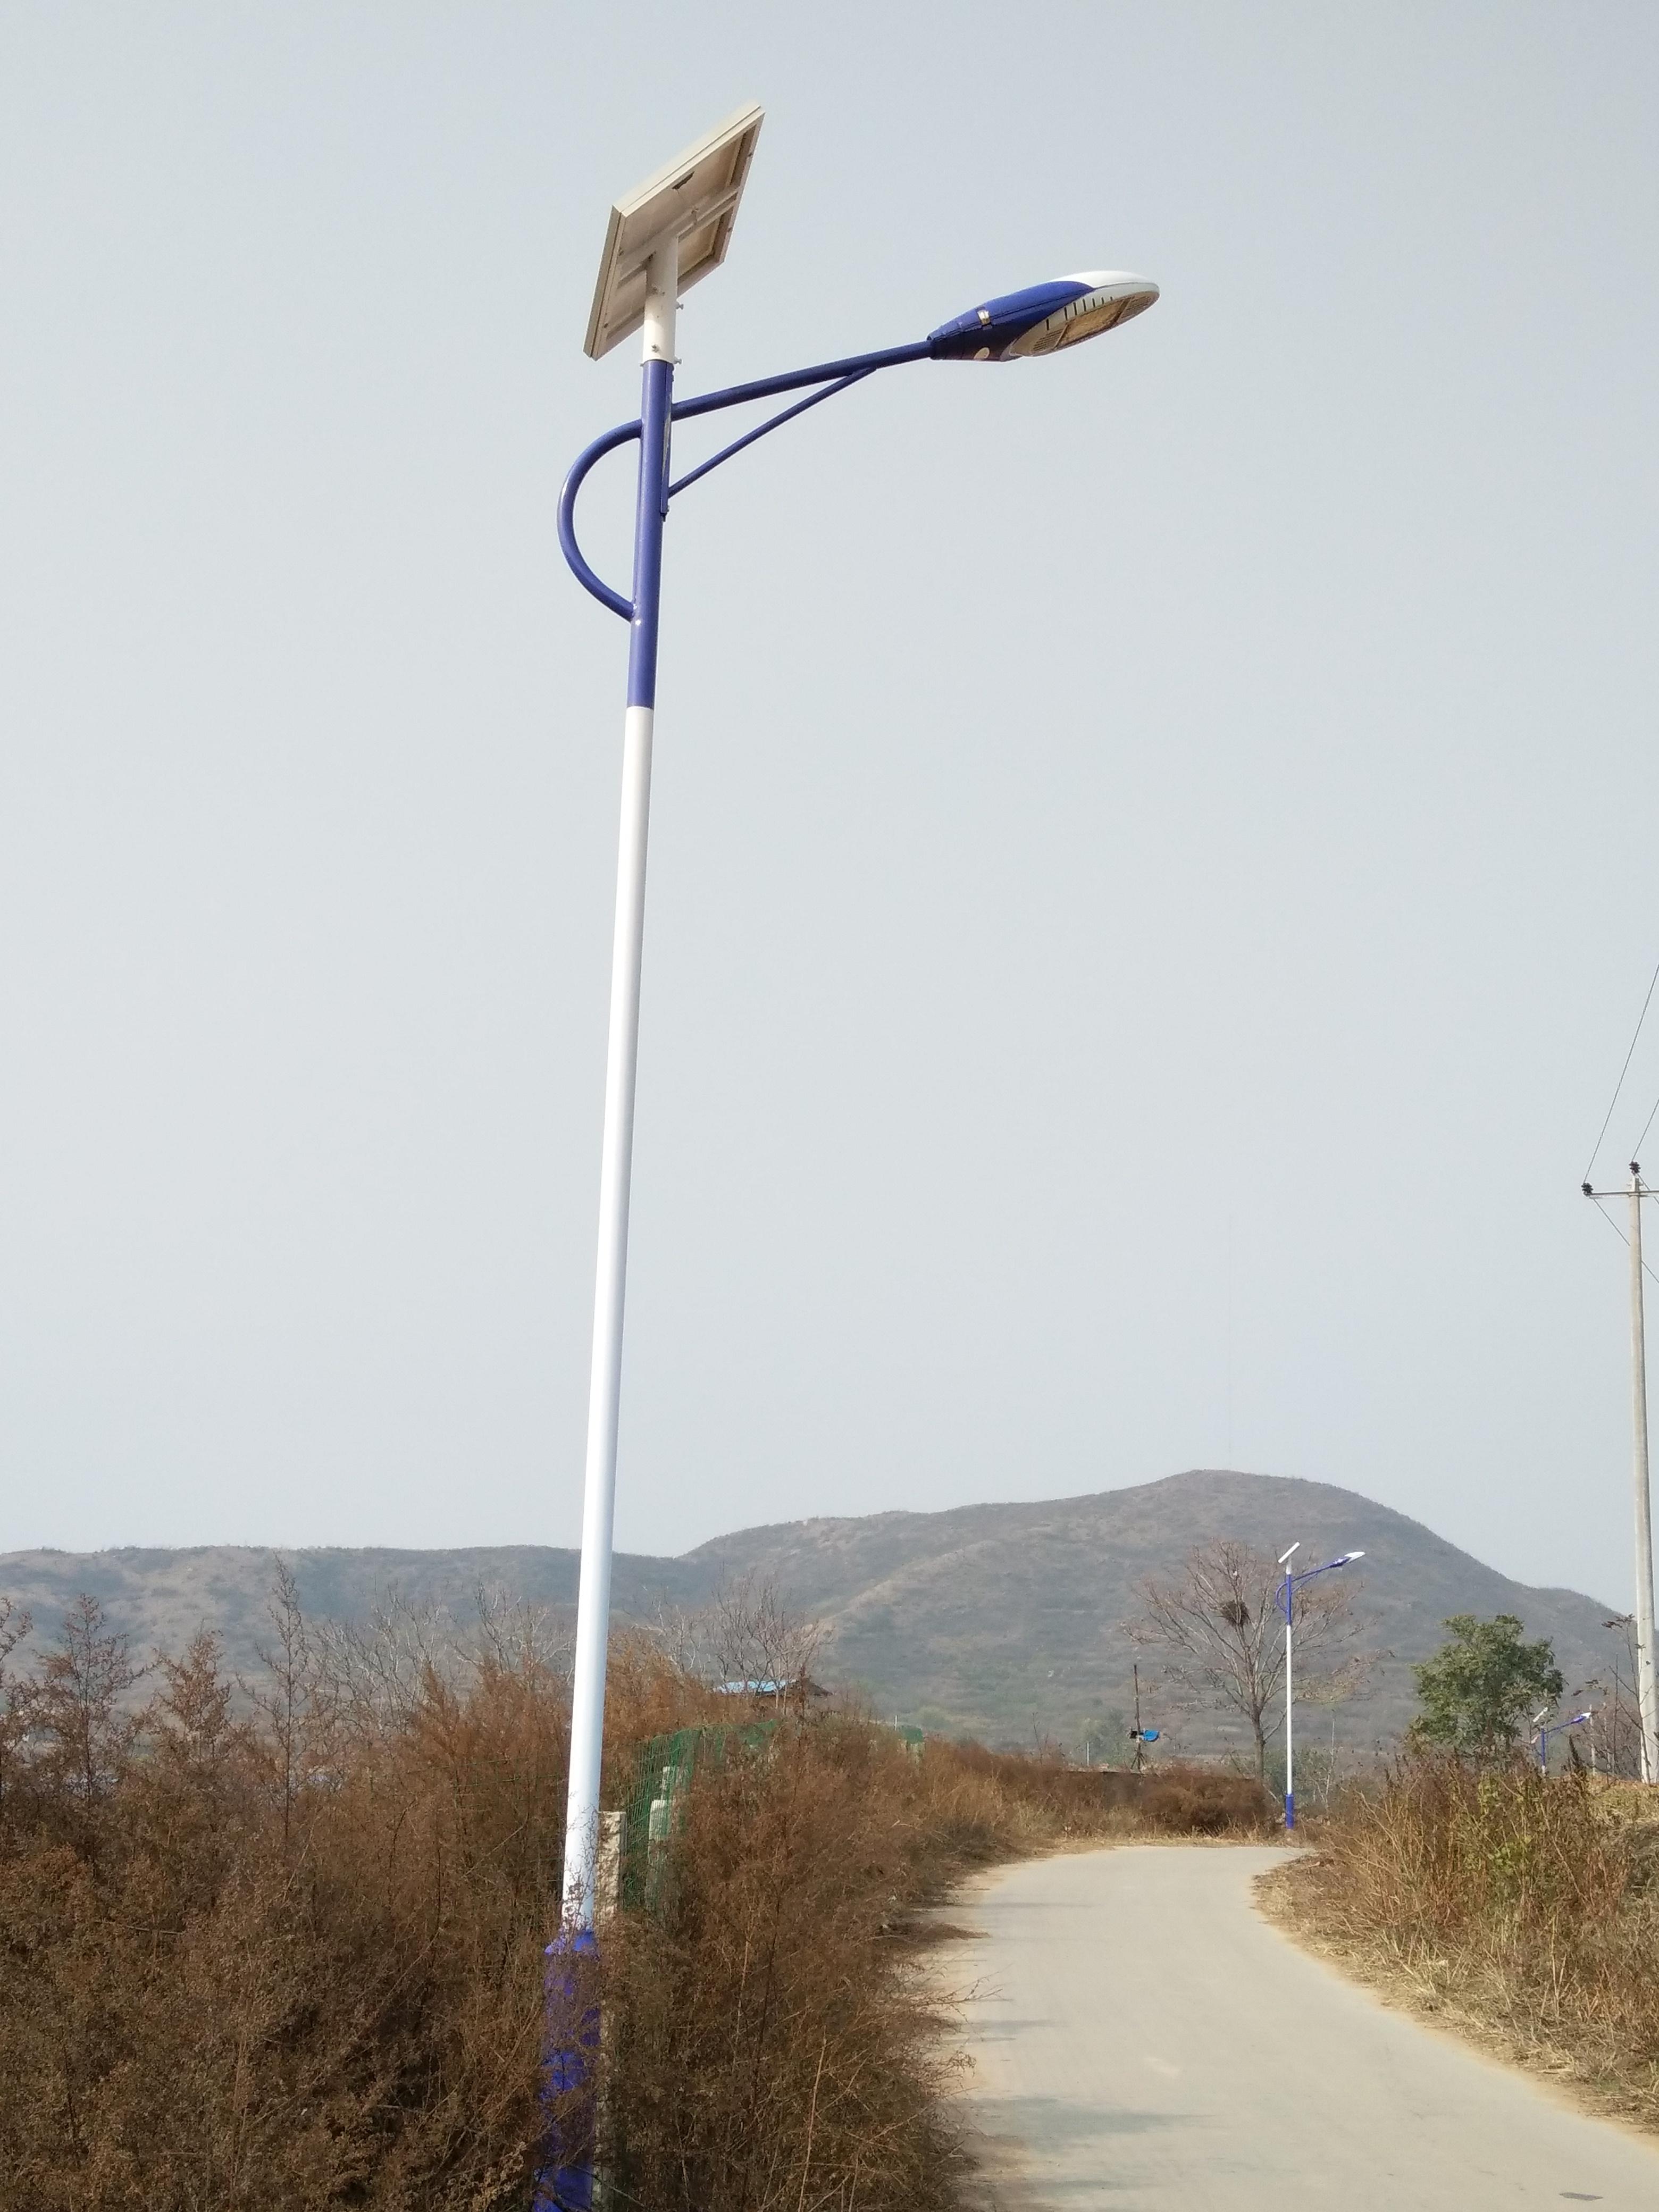 唐山太阳能路灯厂家,唐山太阳能路灯维修